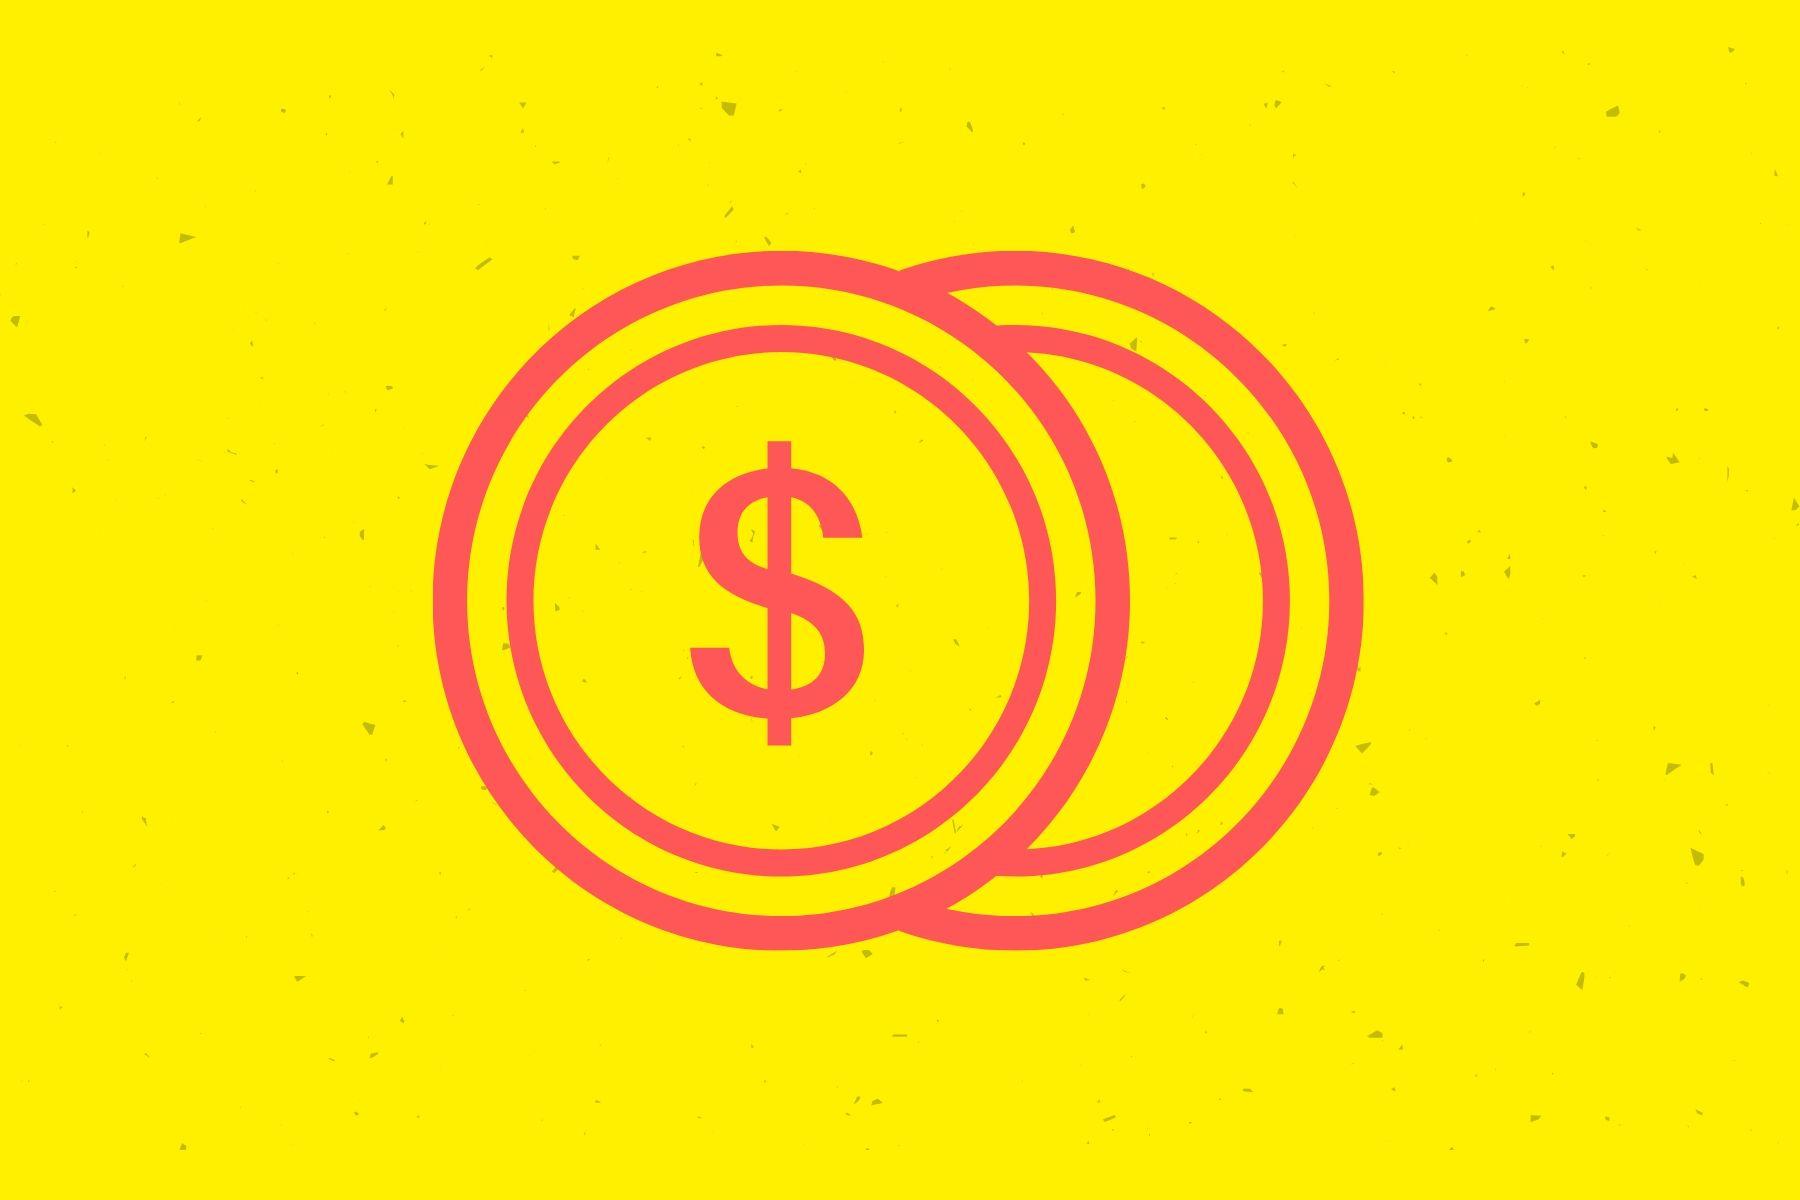 ナカイのソラタビ8ヶ月運営の収益は〇〇〇円